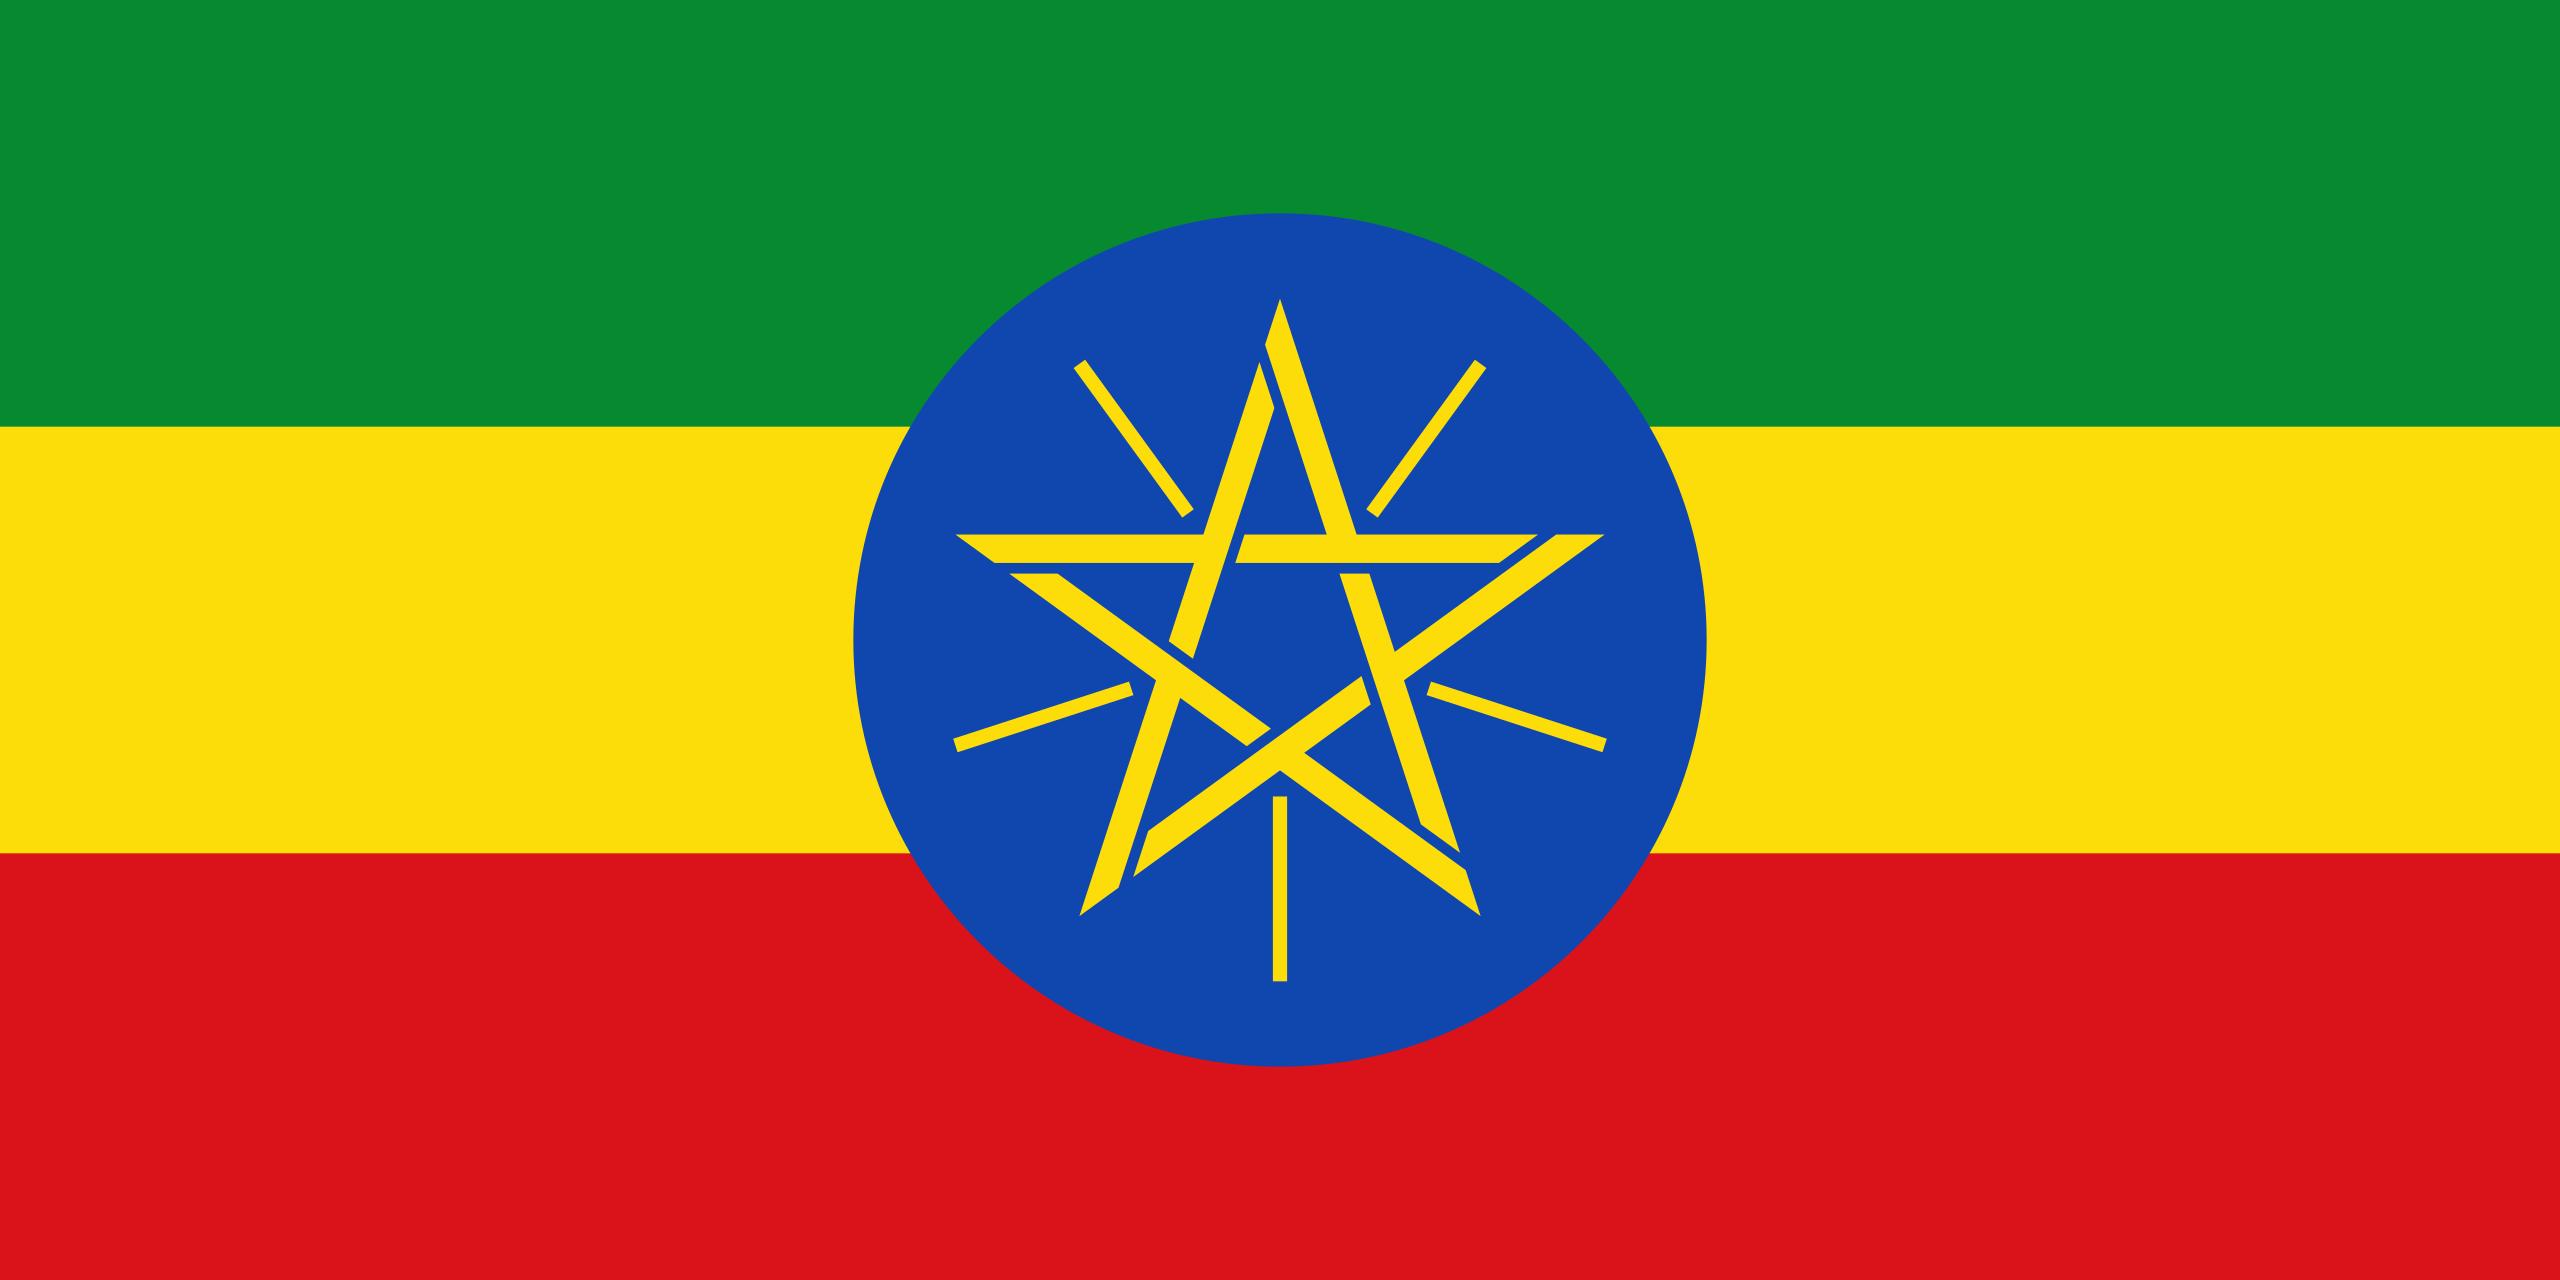 Itoobiya oo war kasoo saartay khariidaddii Somalia laga tiray ee ay soo bandhigtay